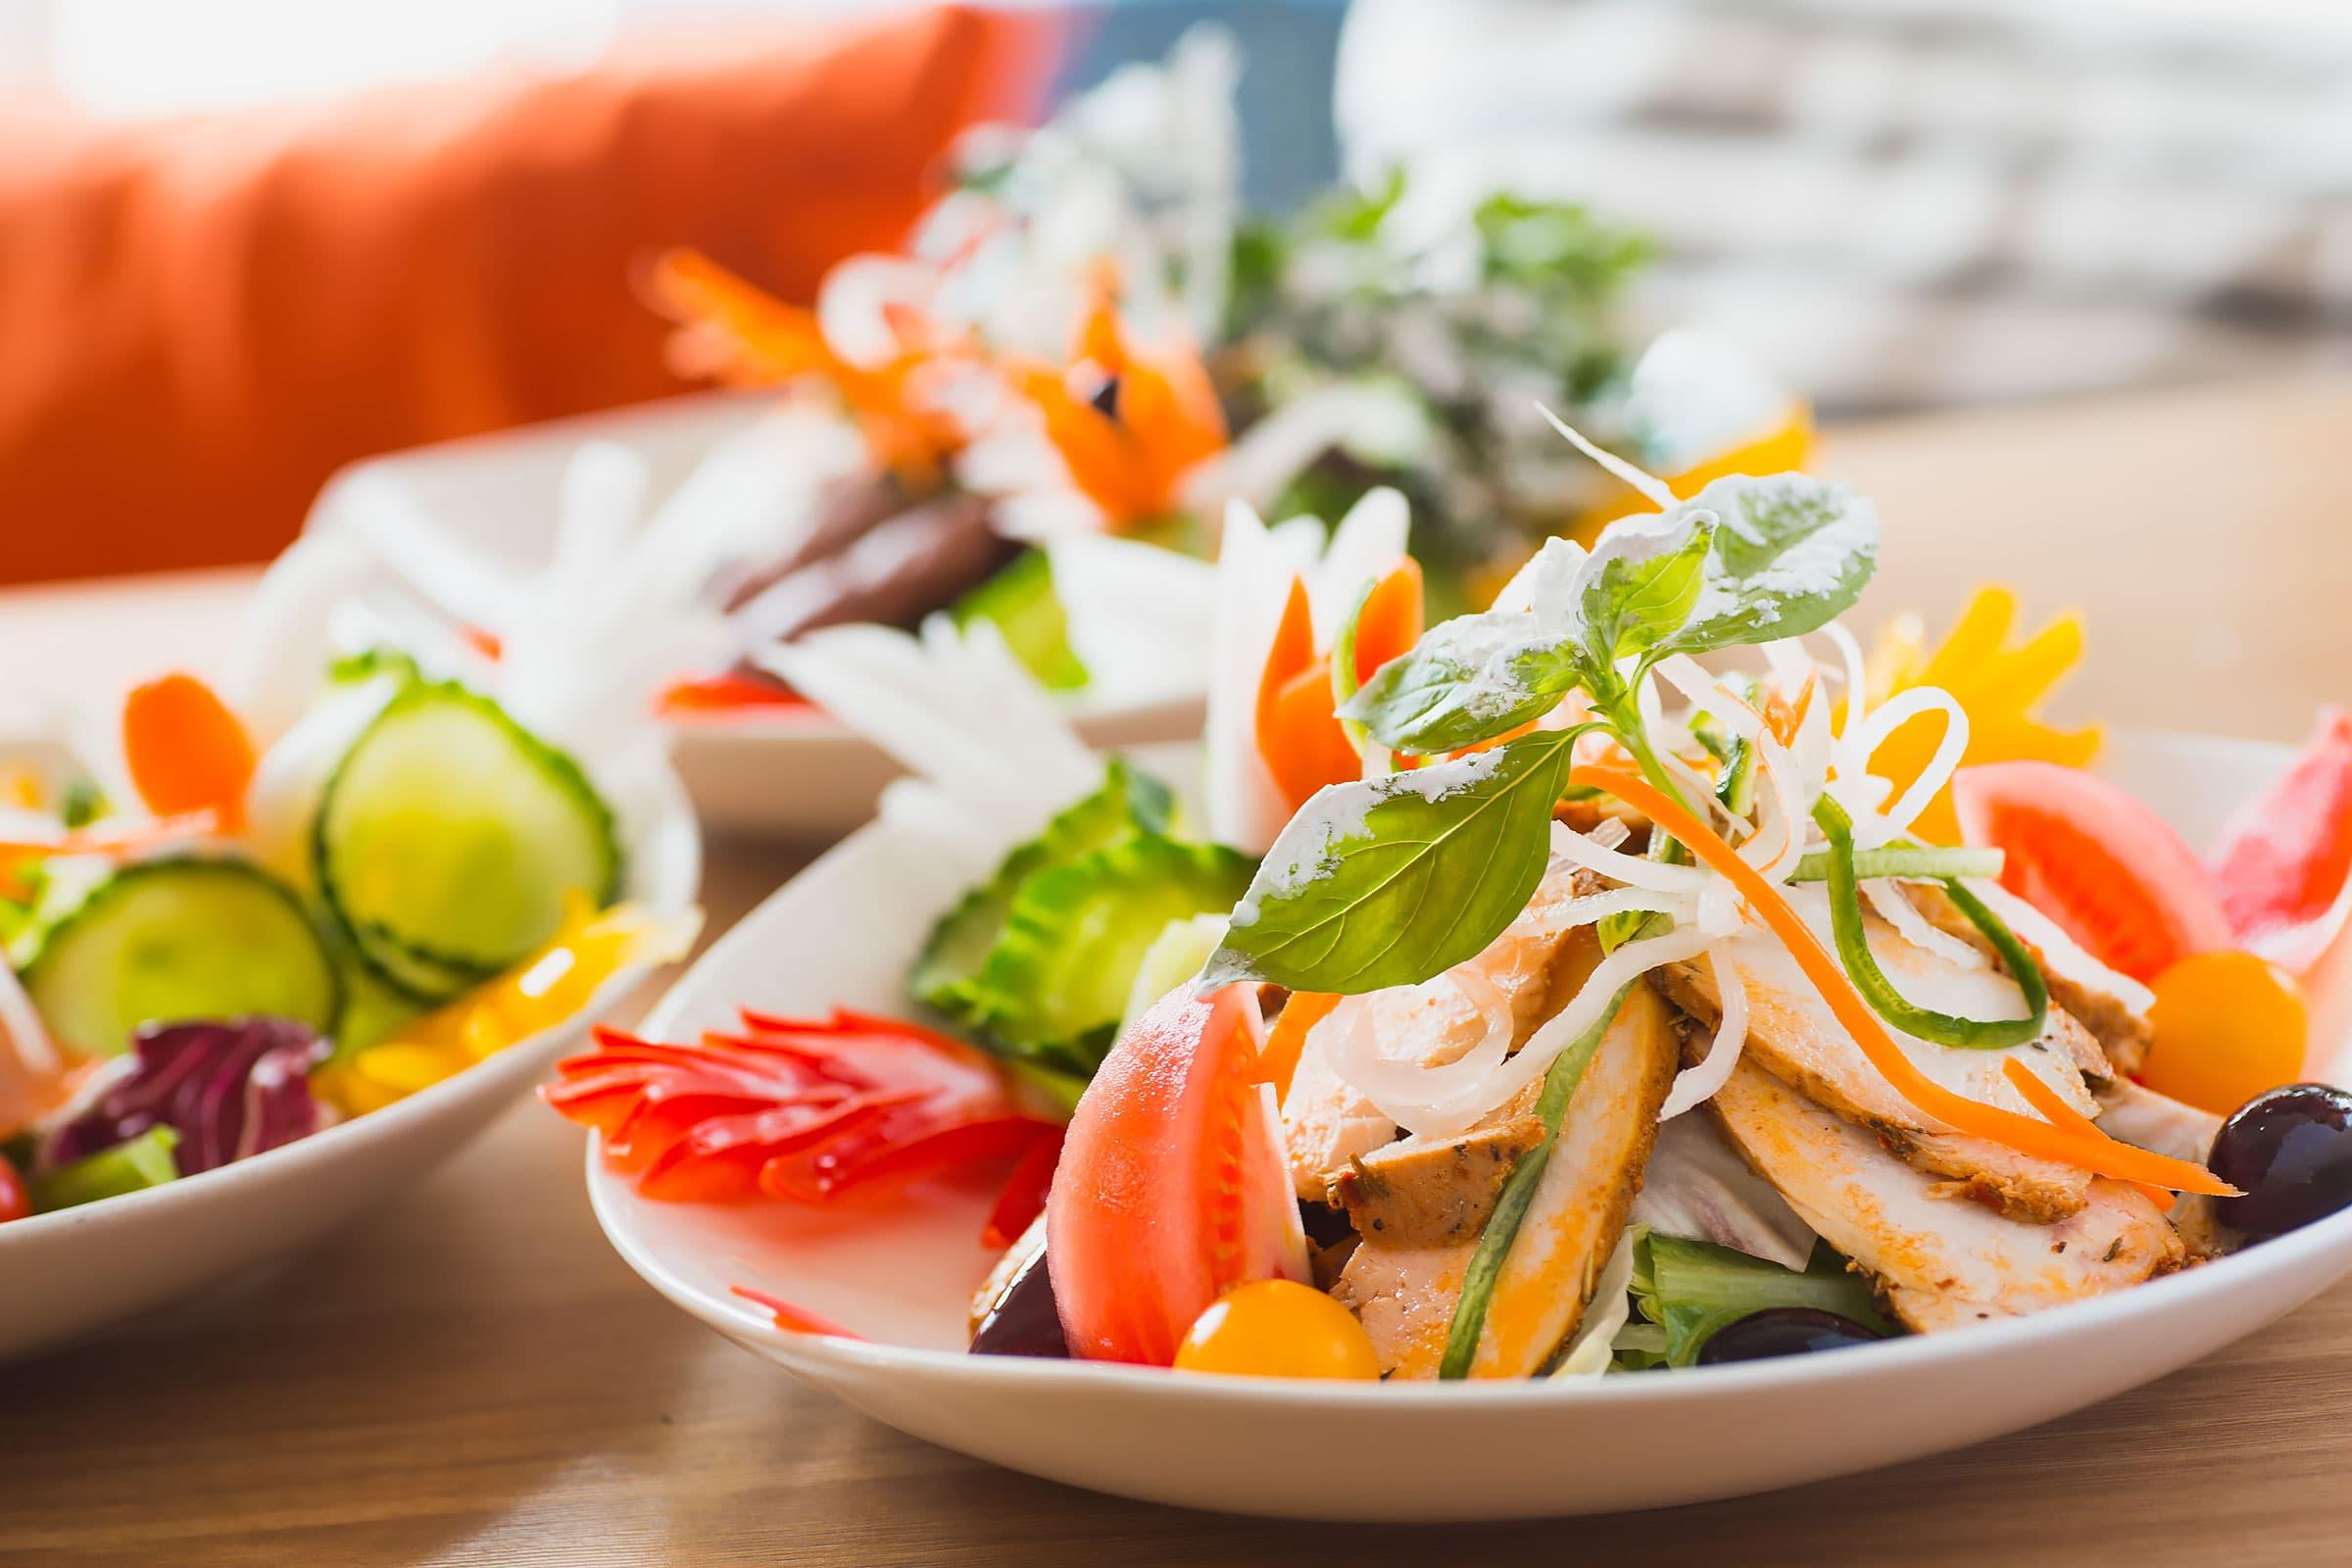 Stockholm's best salad bars